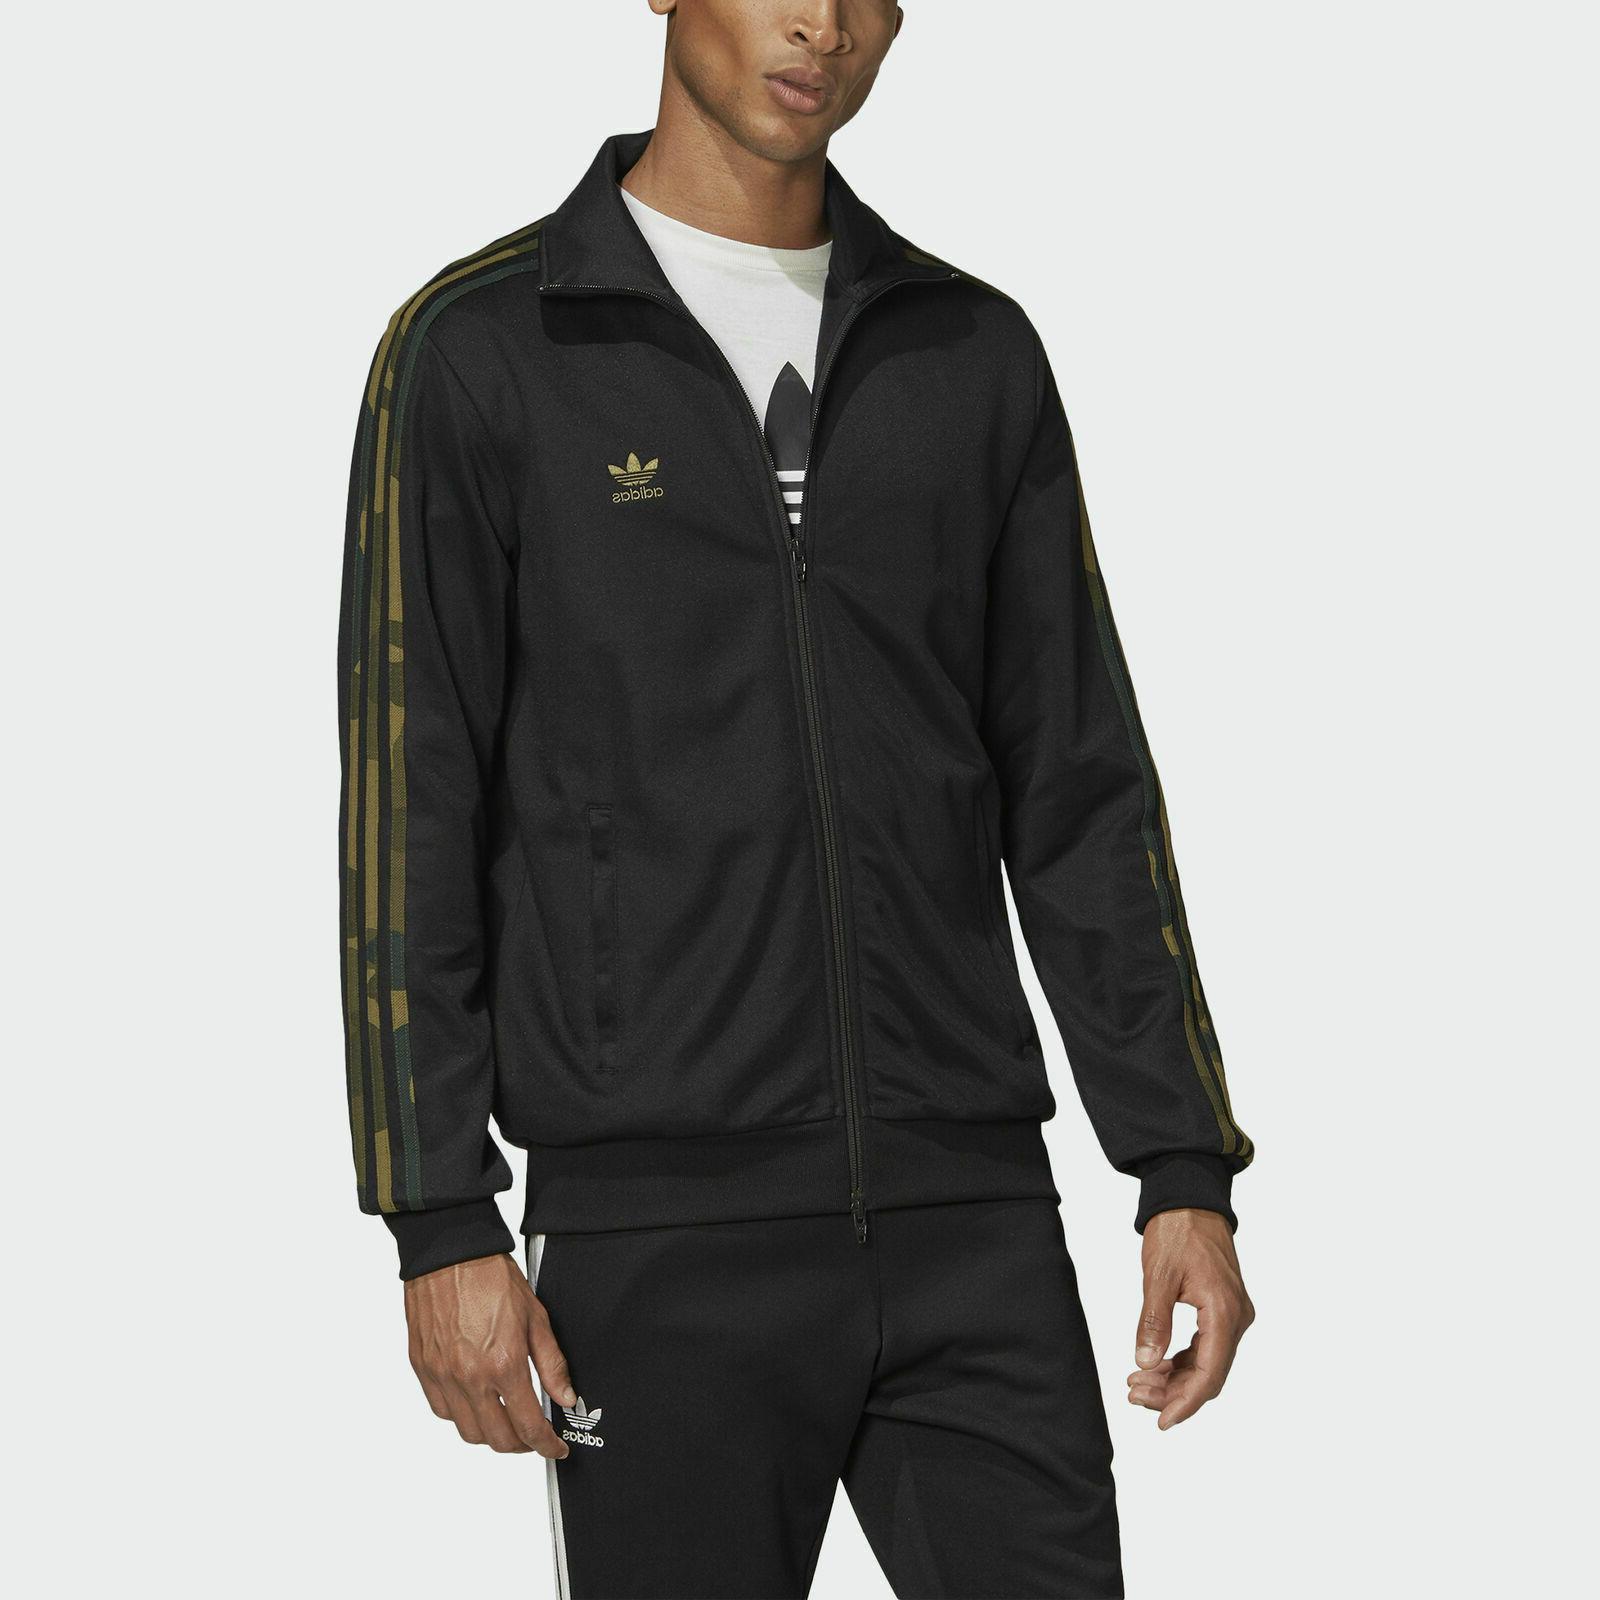 adidas originals camouflage jacket full zip men